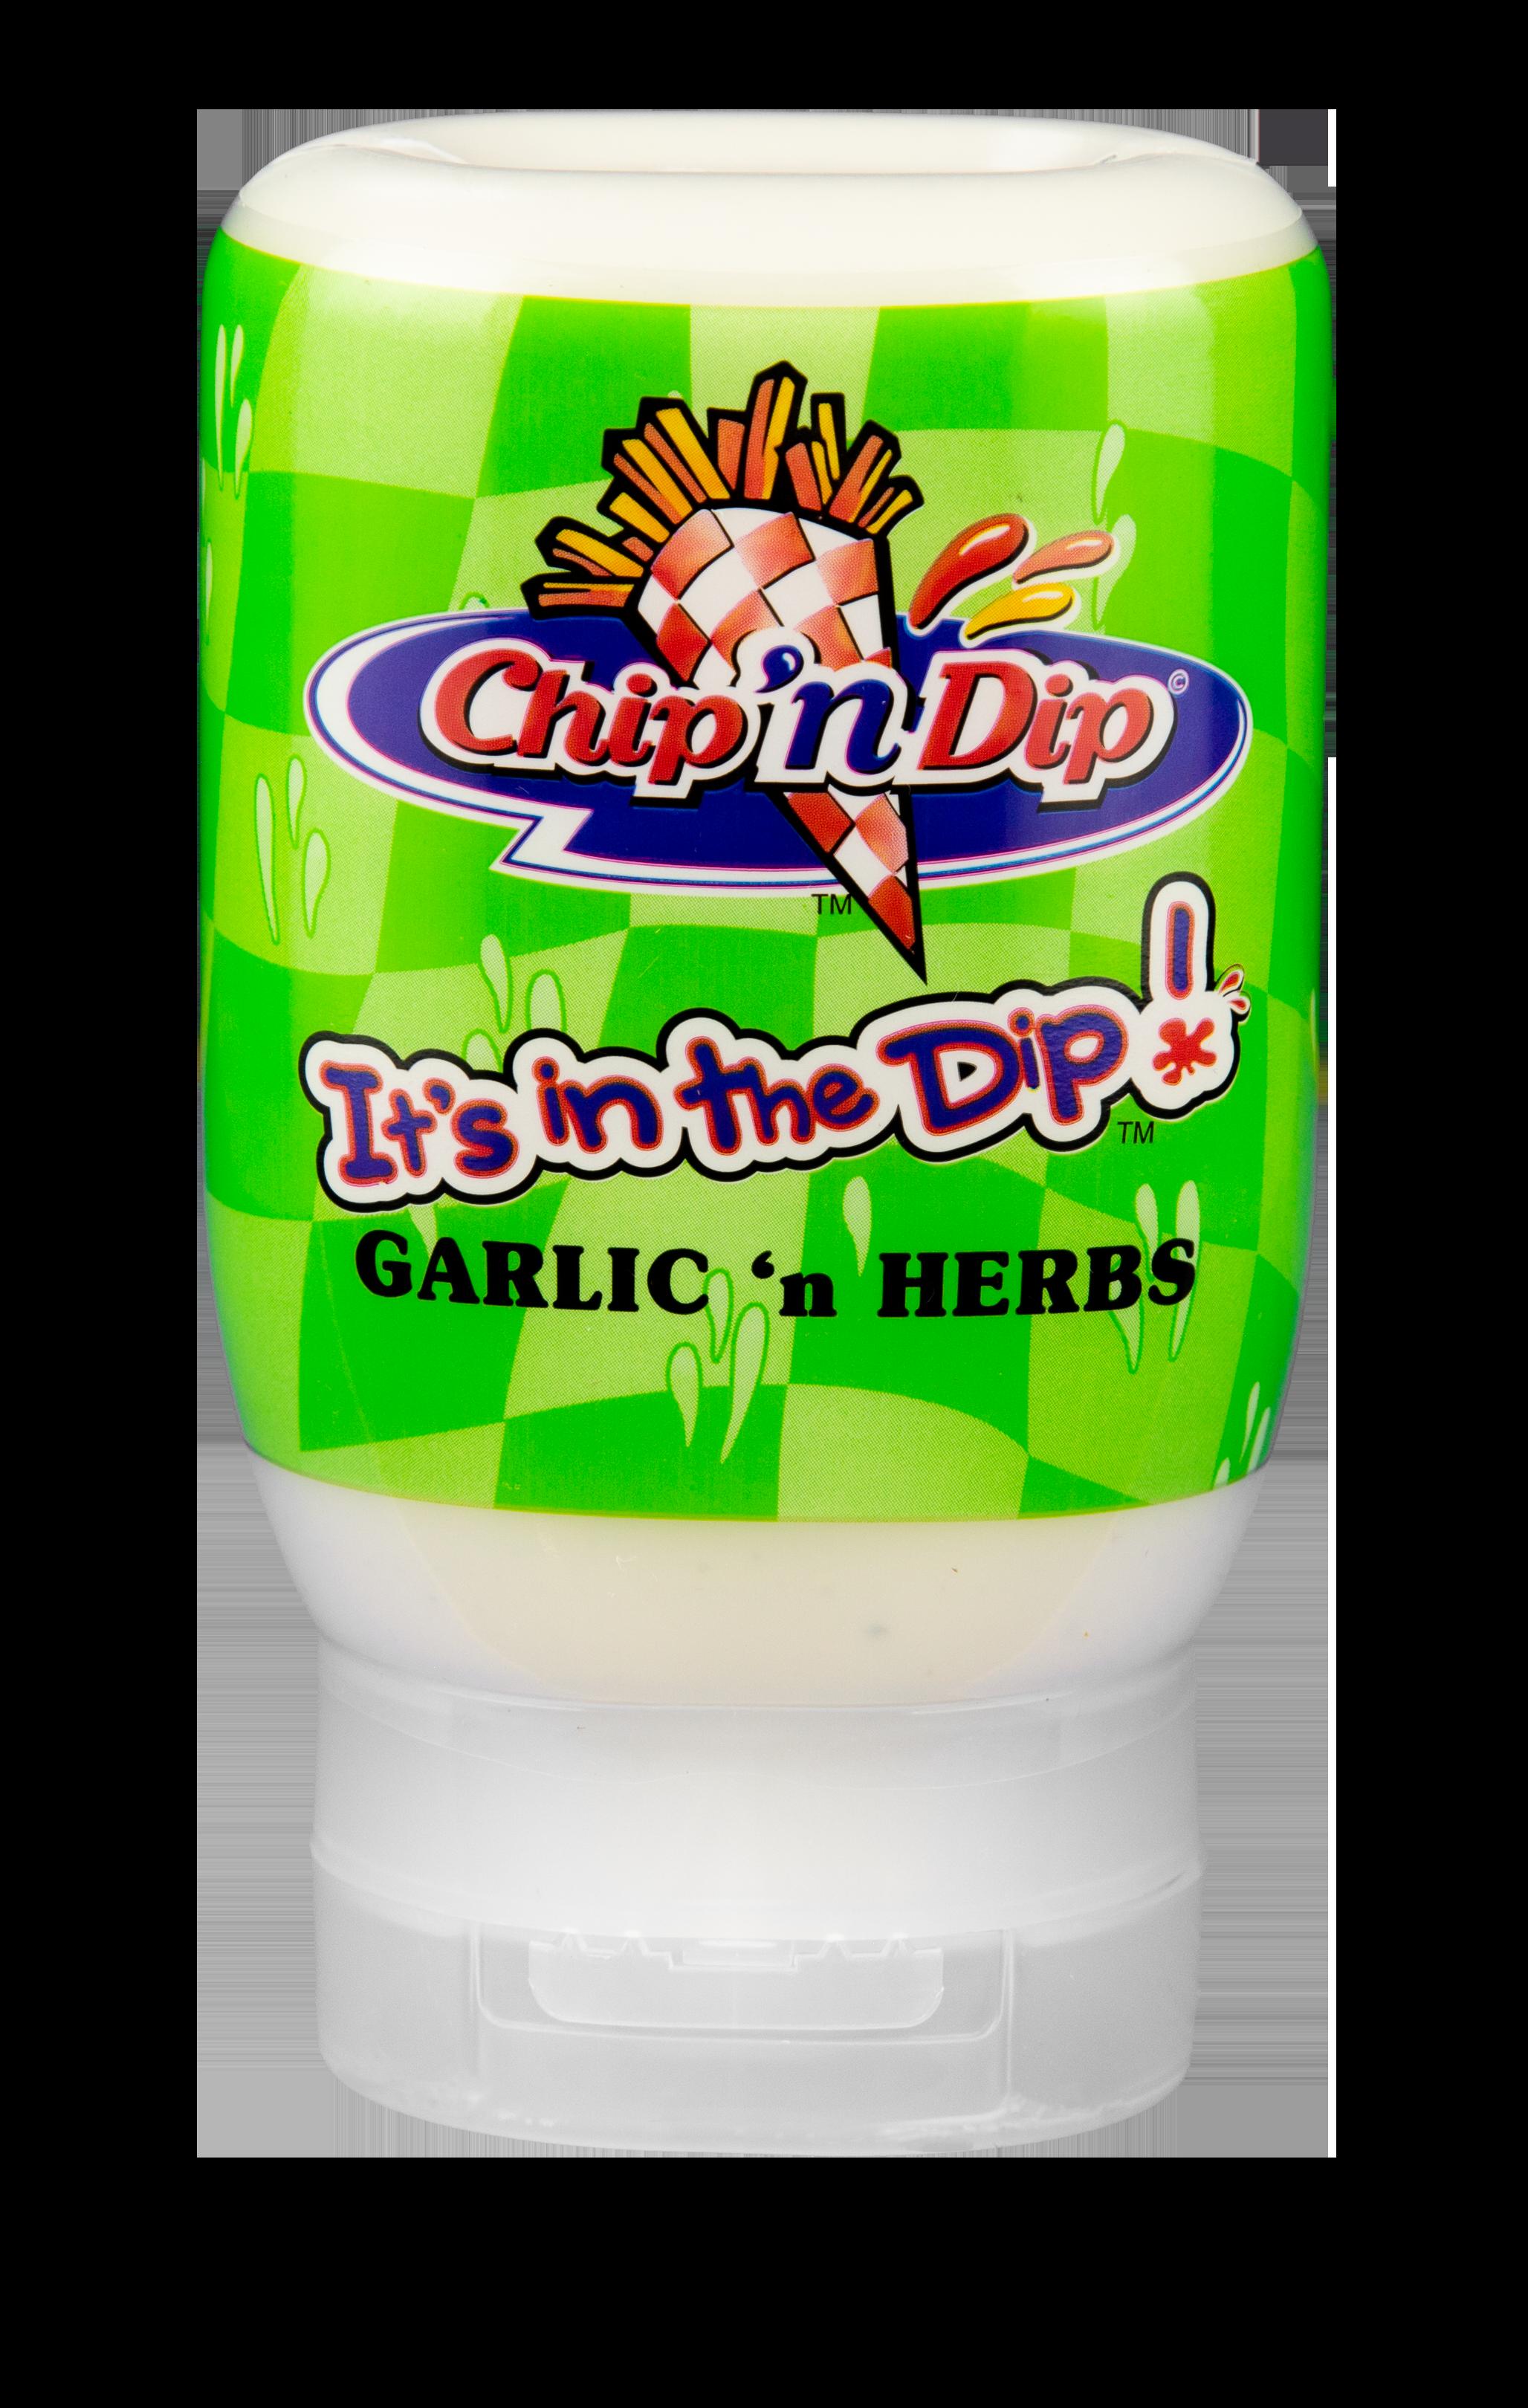 Chip 'n Dip Garlic 'n Herbs in 250ml squeeze bottle